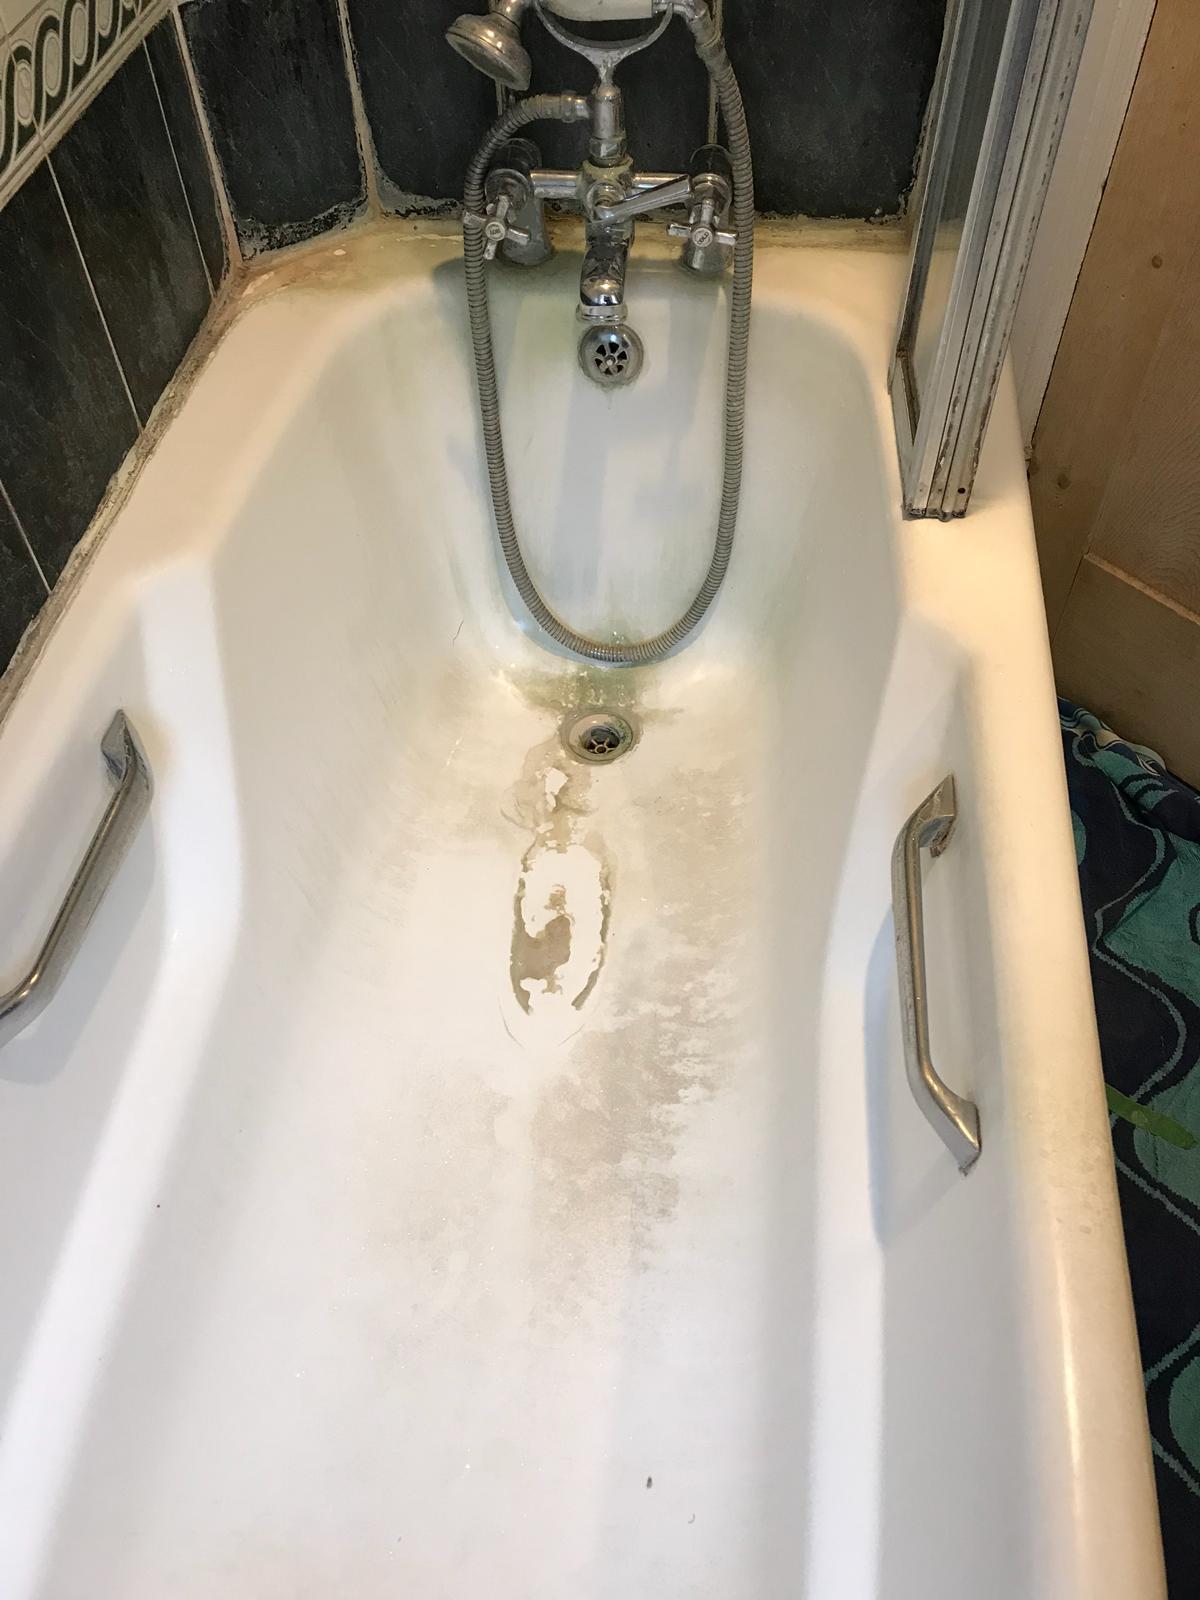 St Albans Bath Tile Grout Before Renovation